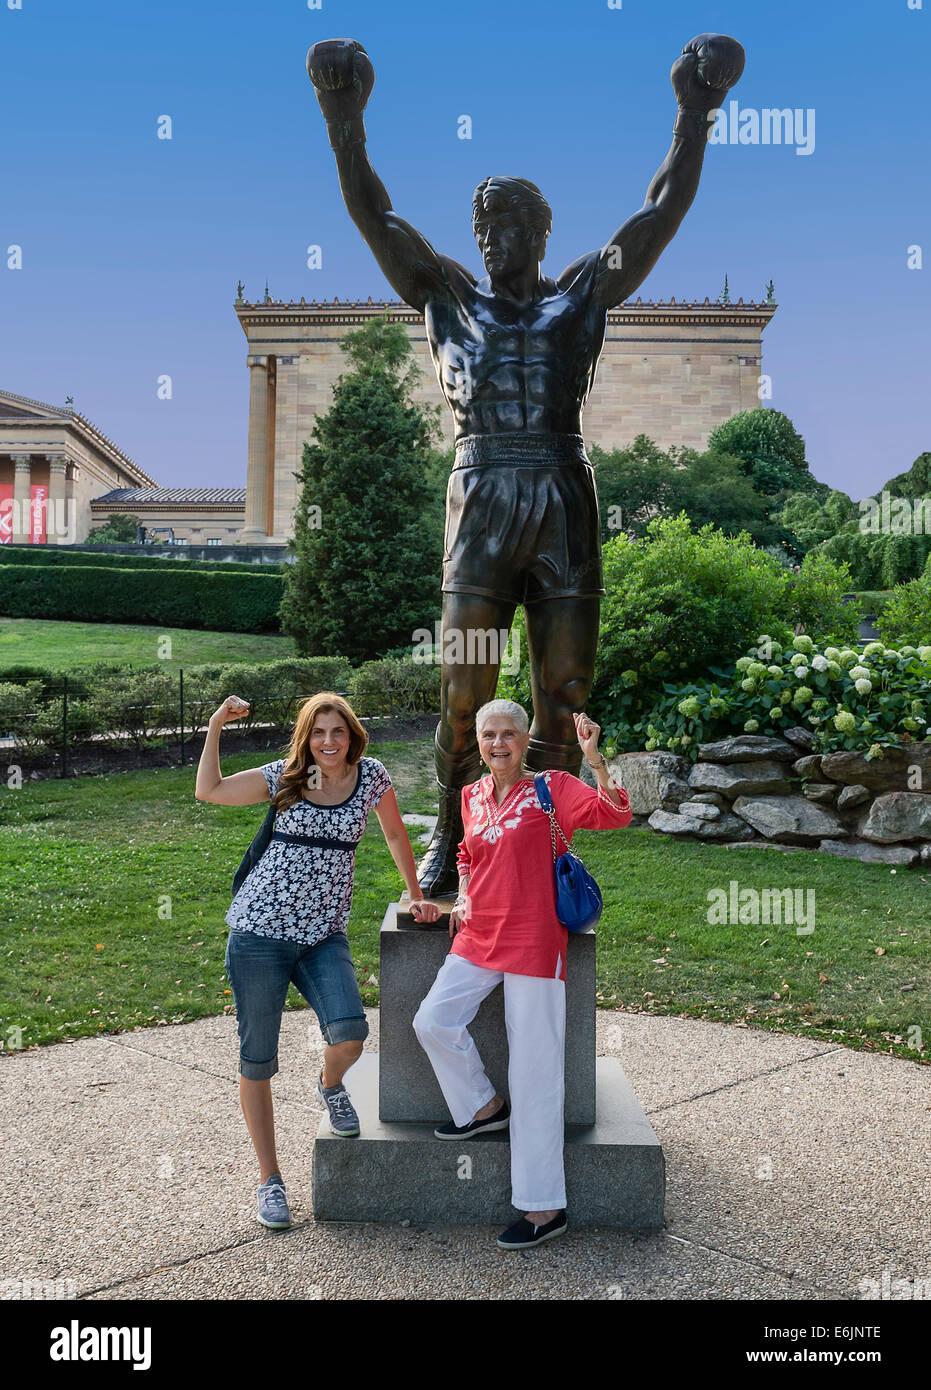 Les touristes posent avec le Rocky statue dans de du Philadelphia Museum of Art. Photo Stock